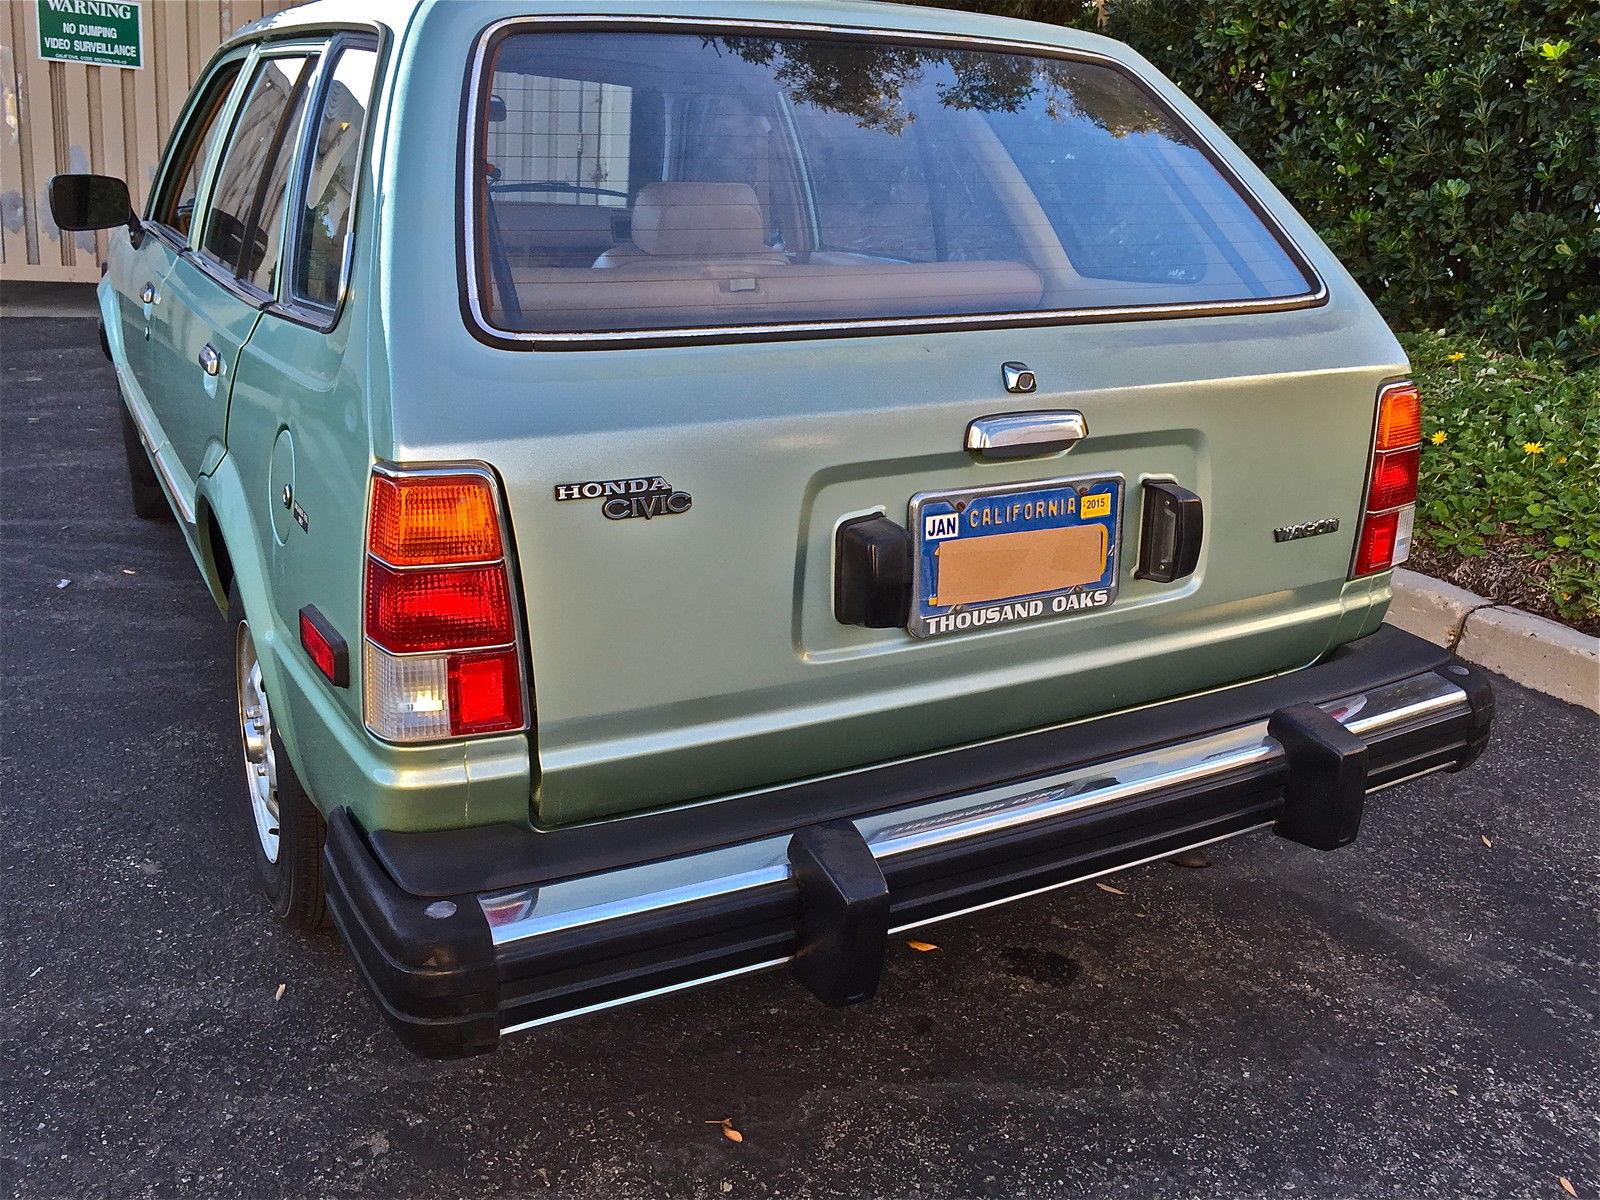 1981 honda civic station wagon